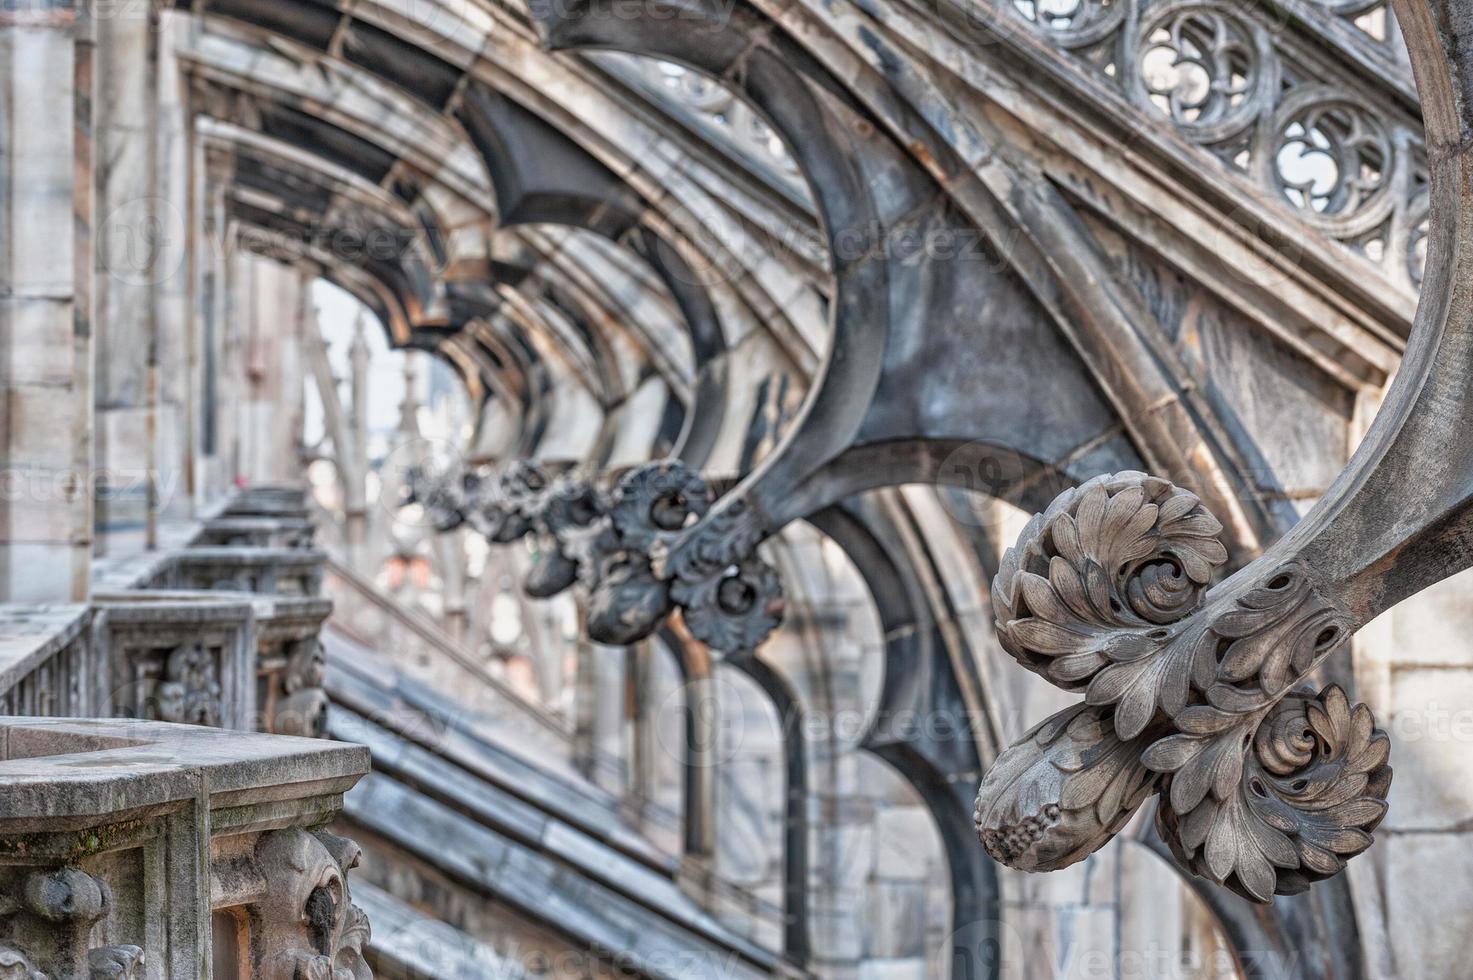 milaan kathedraal dak bogen detail foto